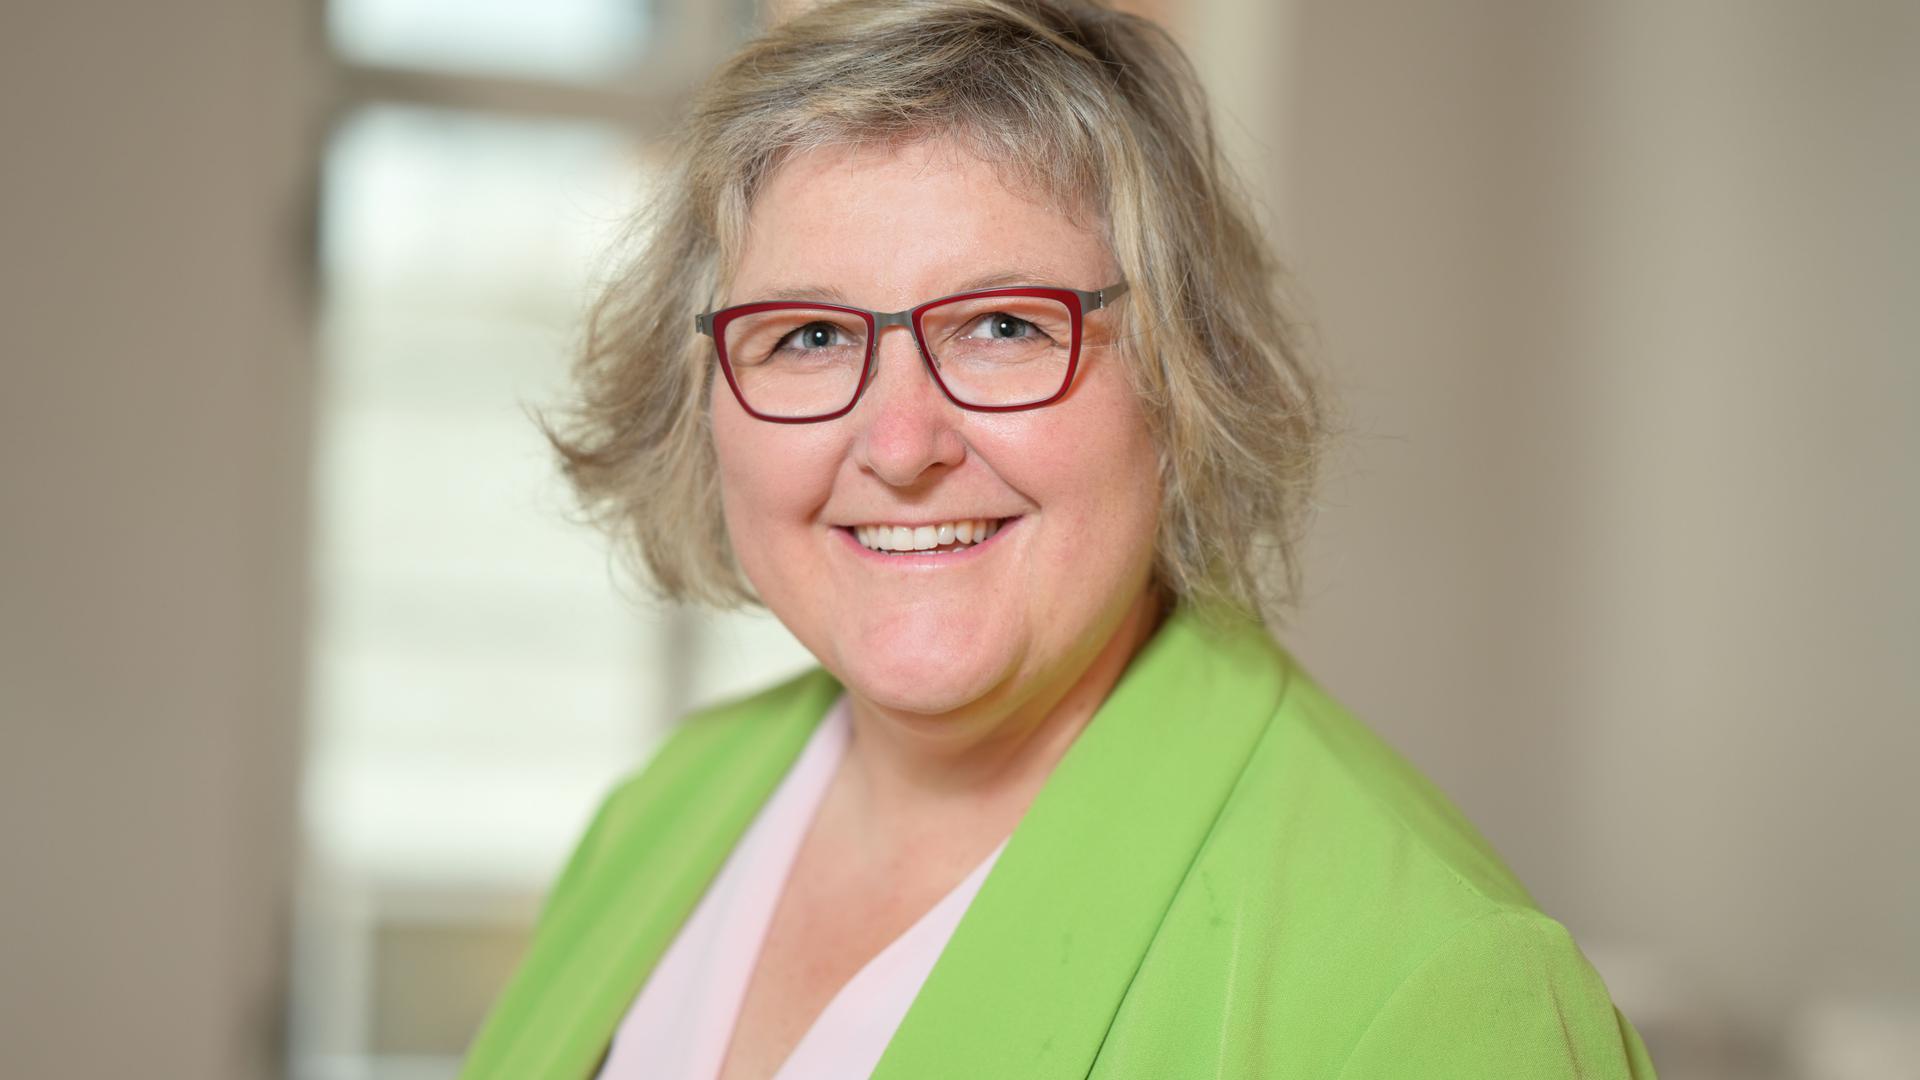 Heike Springhart, Pfarrrerin in Pforzheim, Kandidatin für die badische Landesbischofswahl 2021